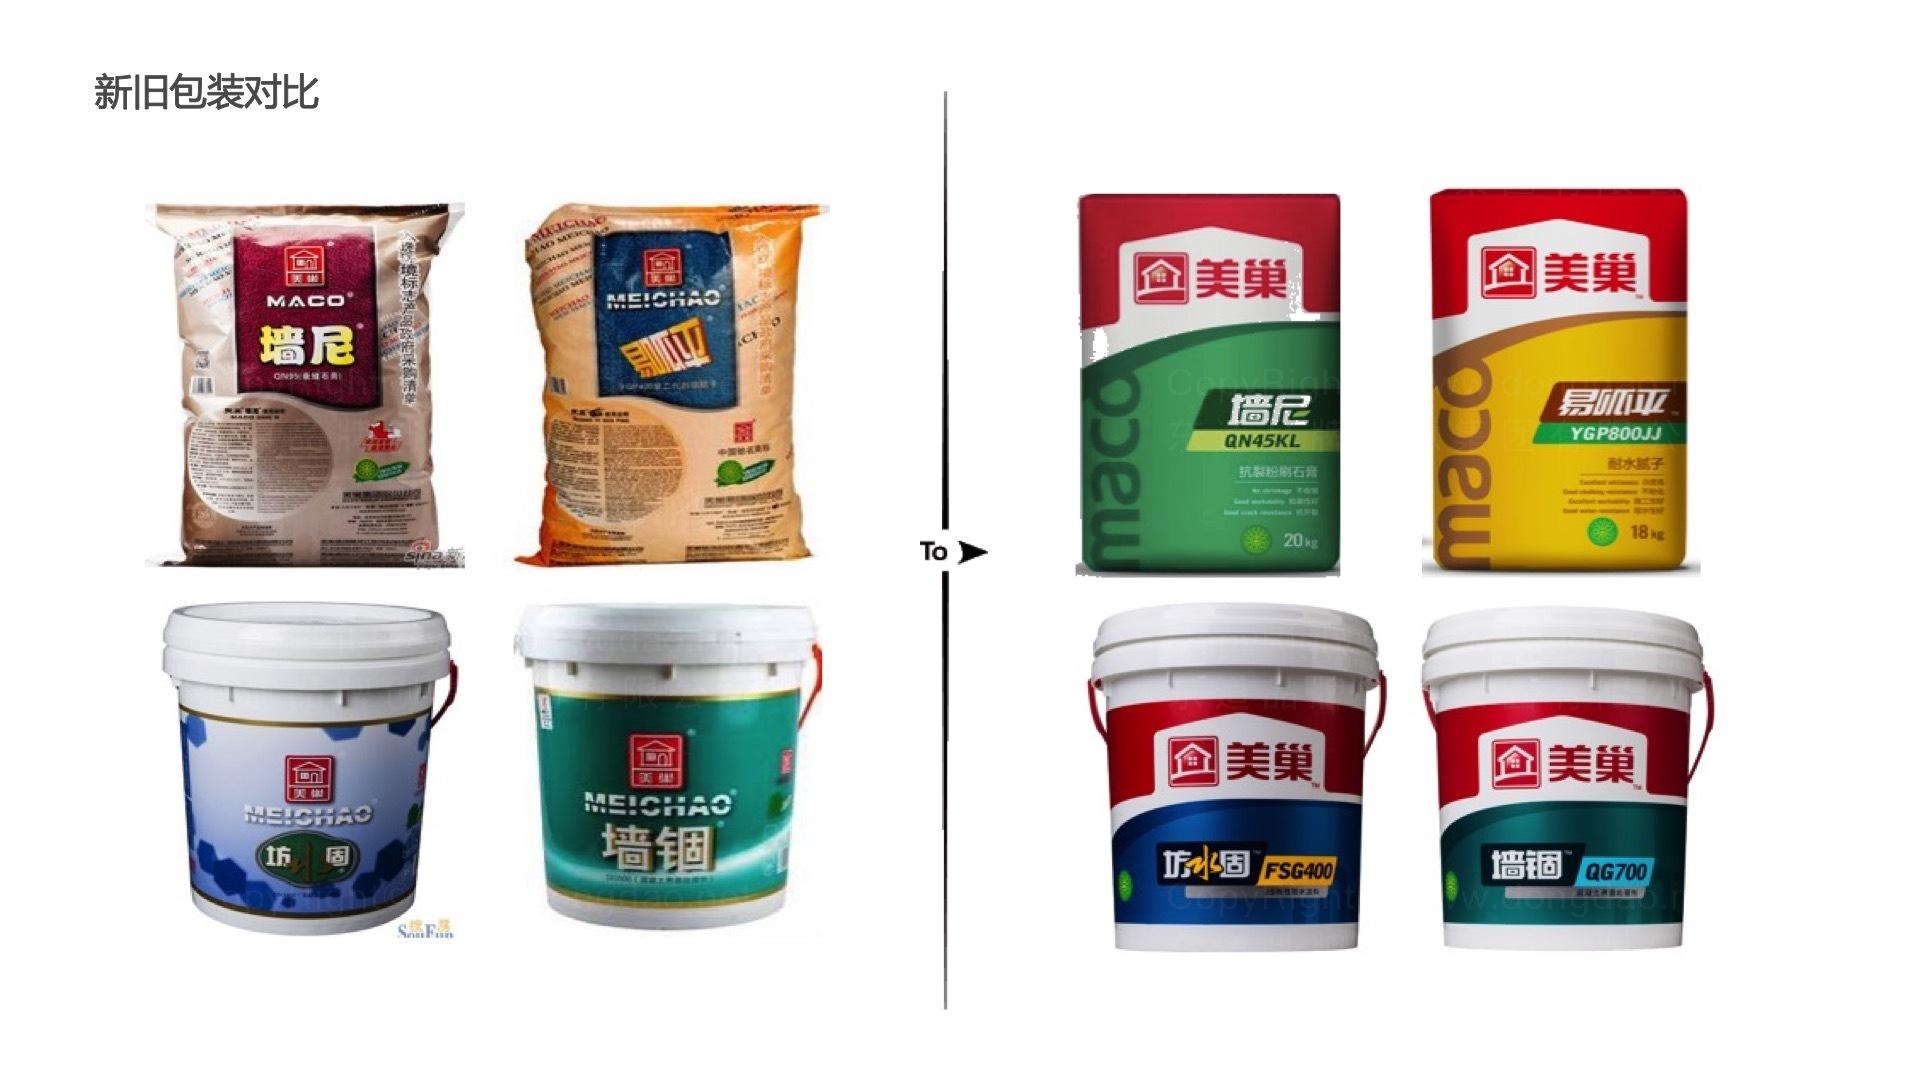 品牌战略&企业文化美巢品牌战略与包装体系设计应用场景_4